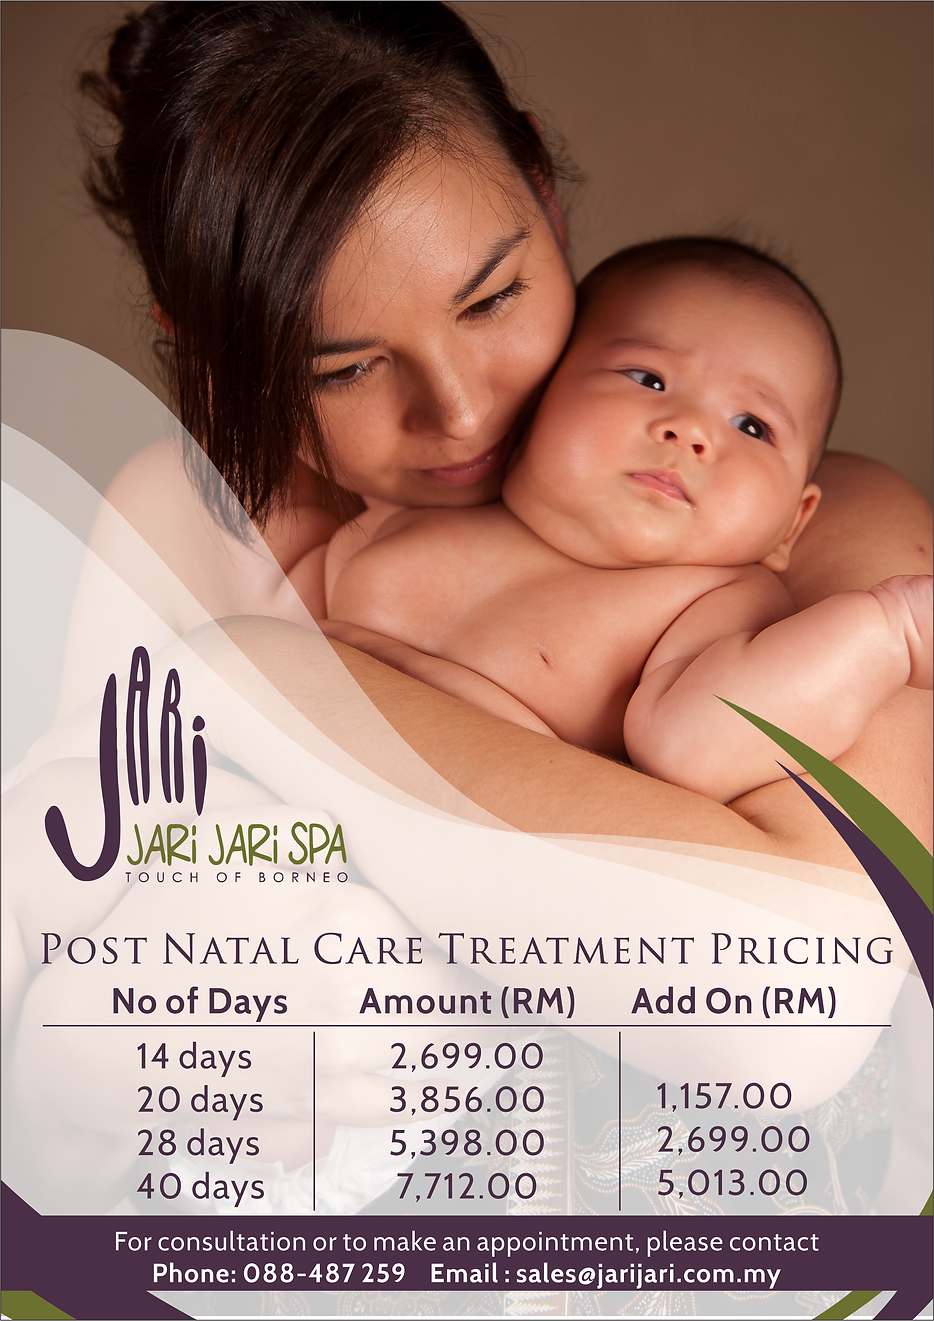 Post Natal Pricing Leaflet Poster v2.png